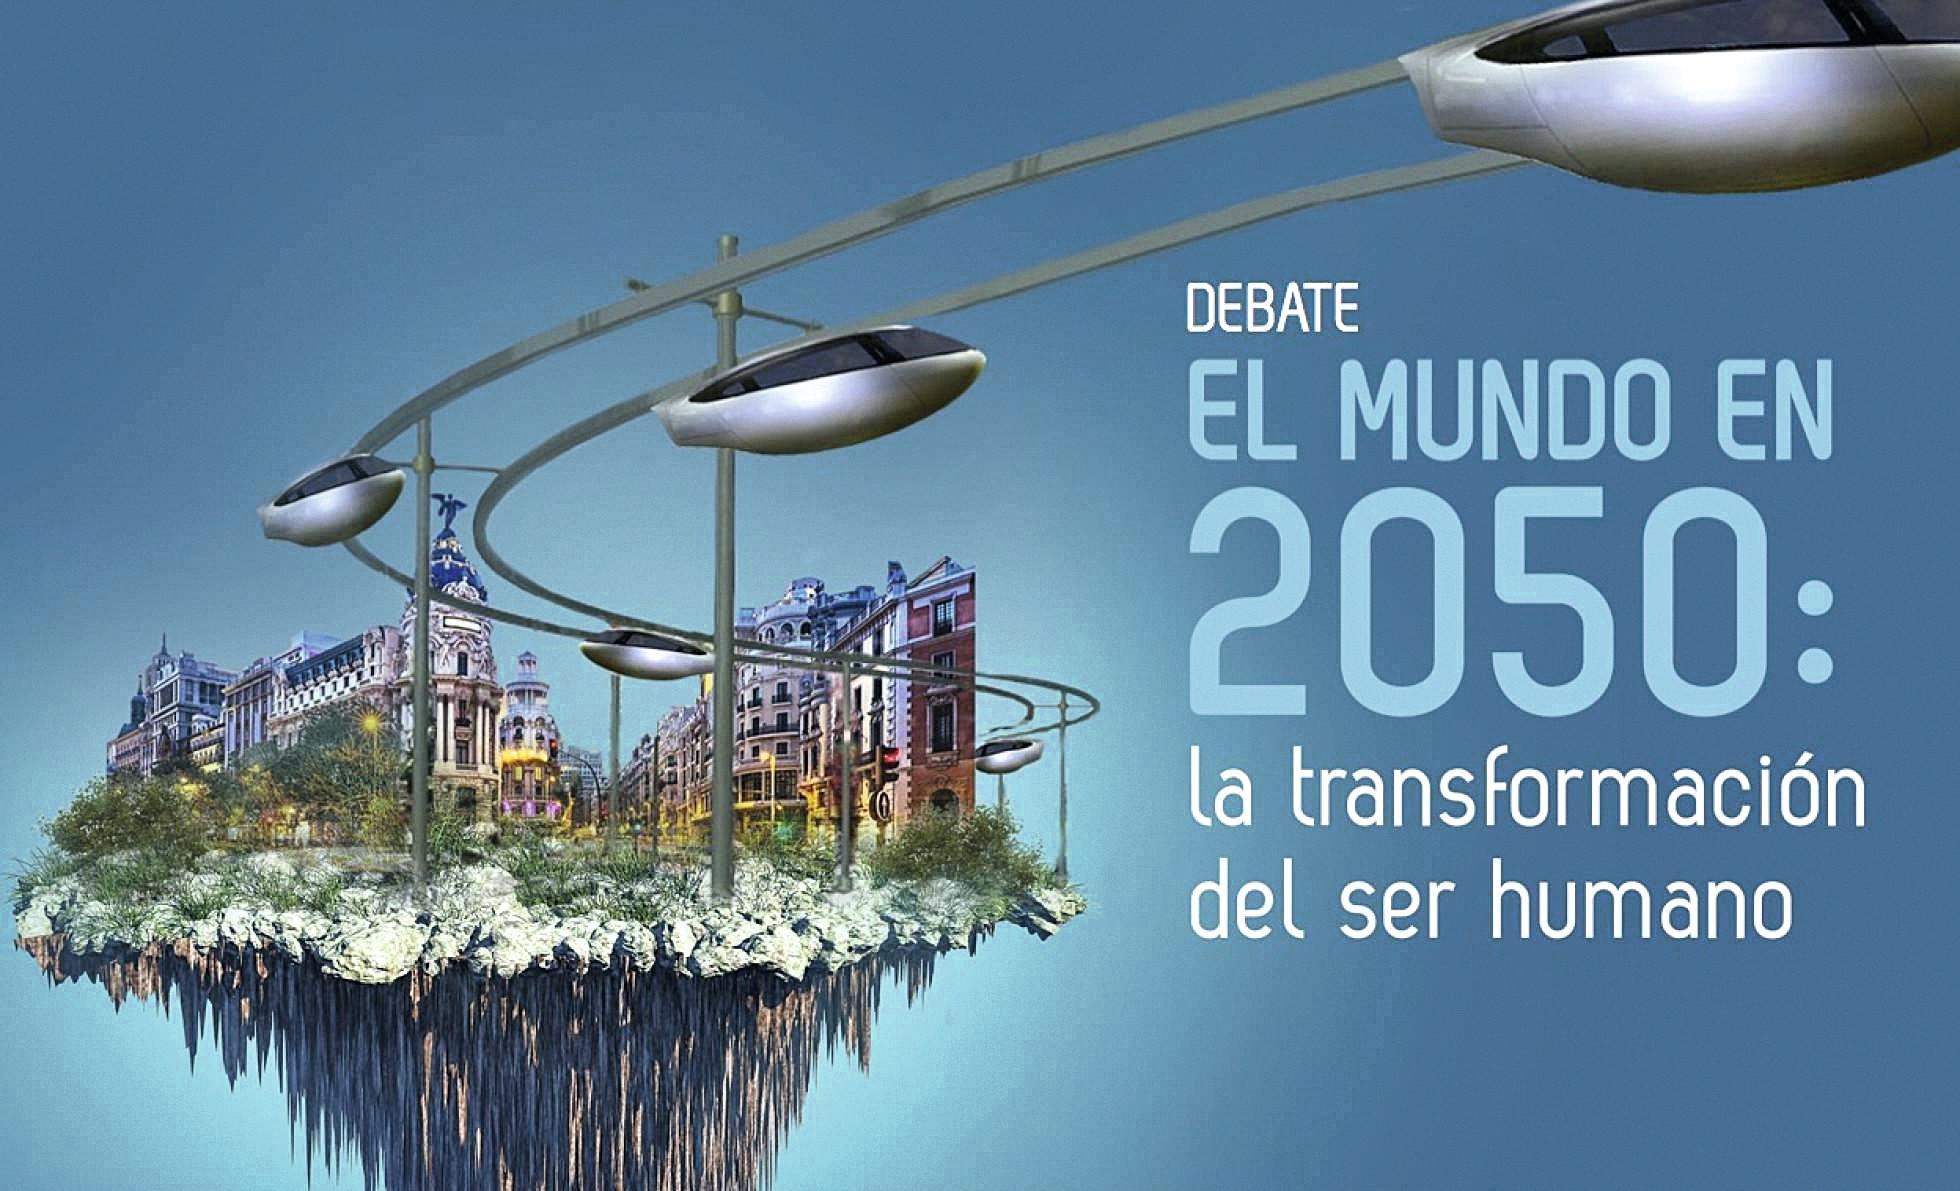 El mundo en 2050, Madrid, 2017.